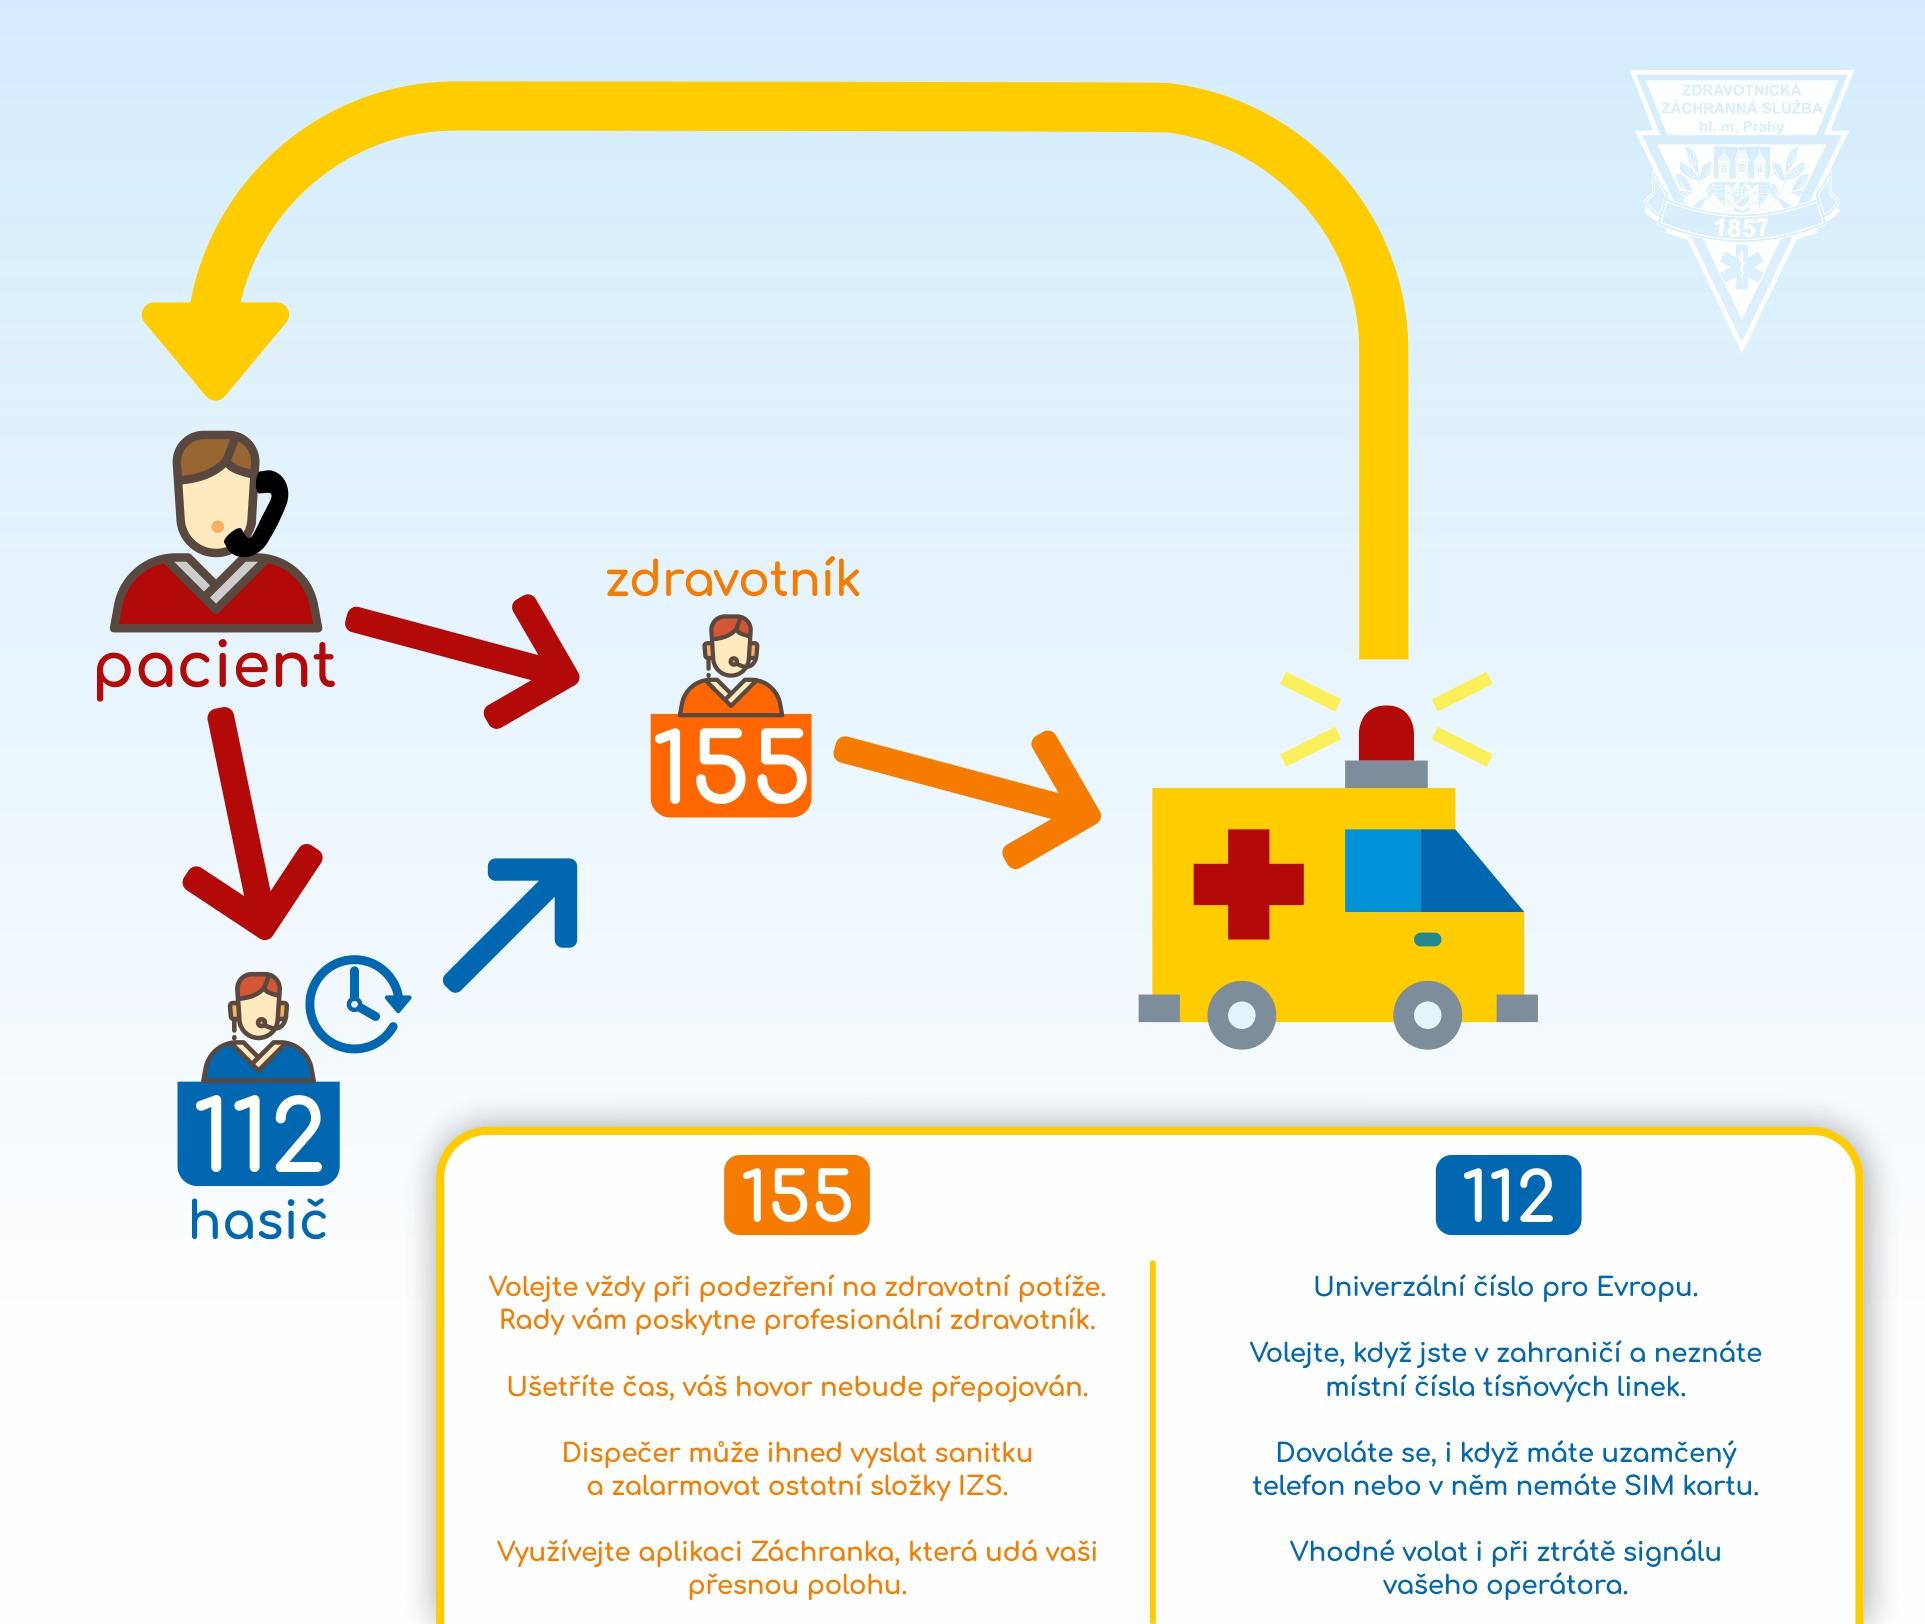 jednotná datová linka pomoci www.gratis dating site.nl